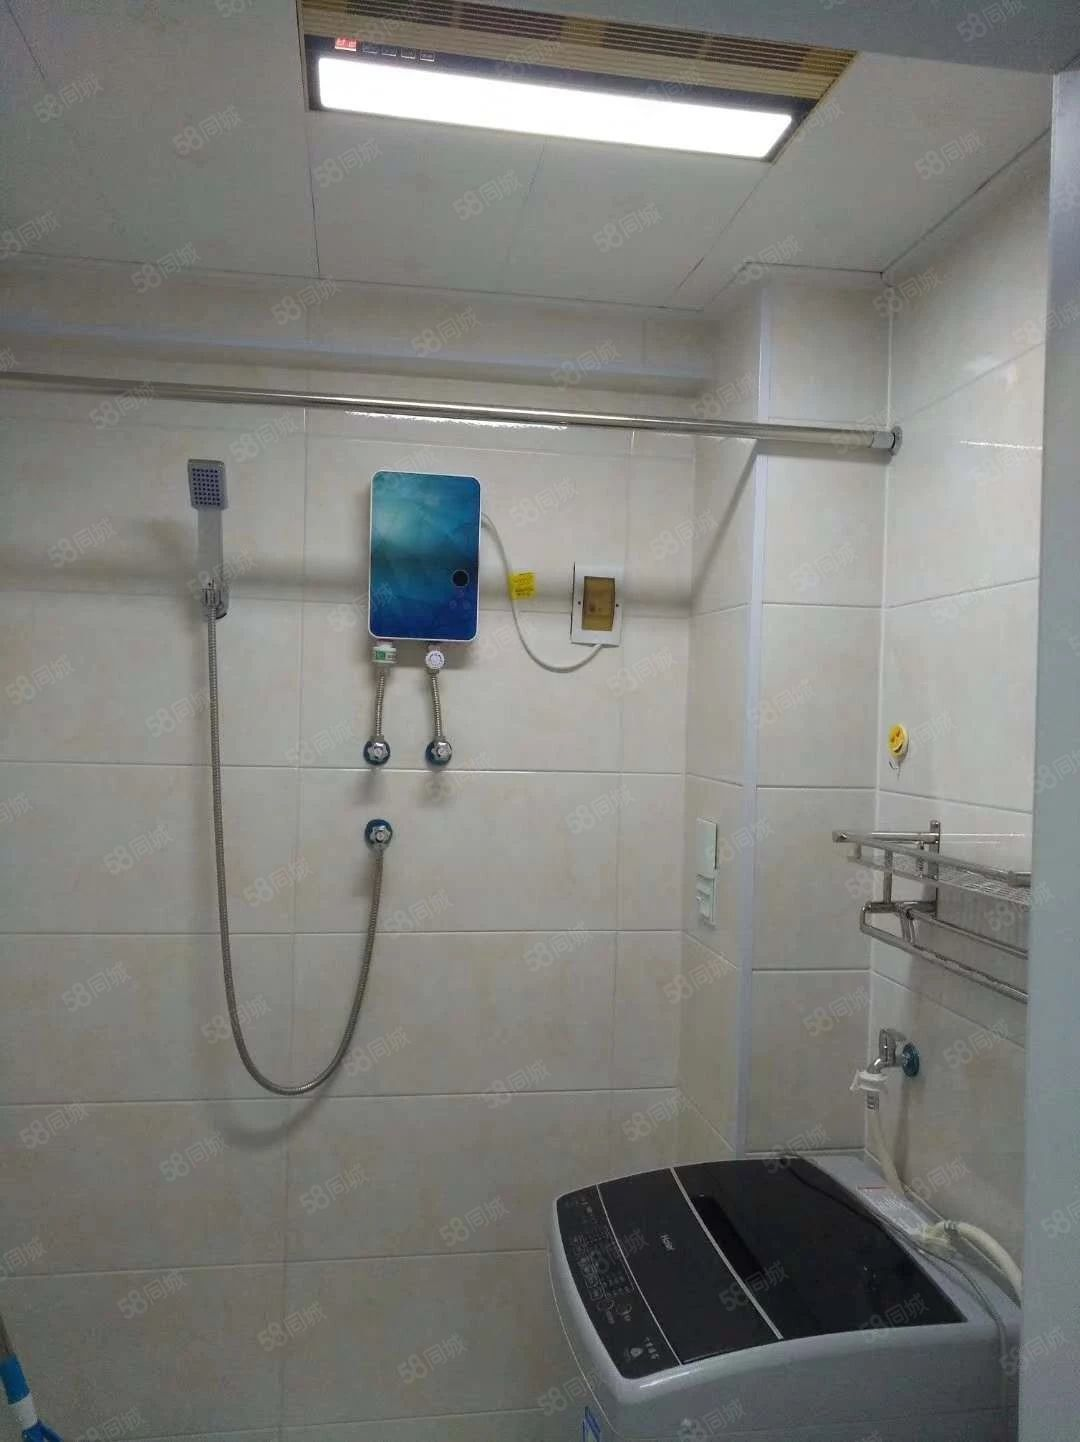 中兴A栋出租一室一厅拎包入住电视冰箱洗衣机热水器床衣柜宽带等